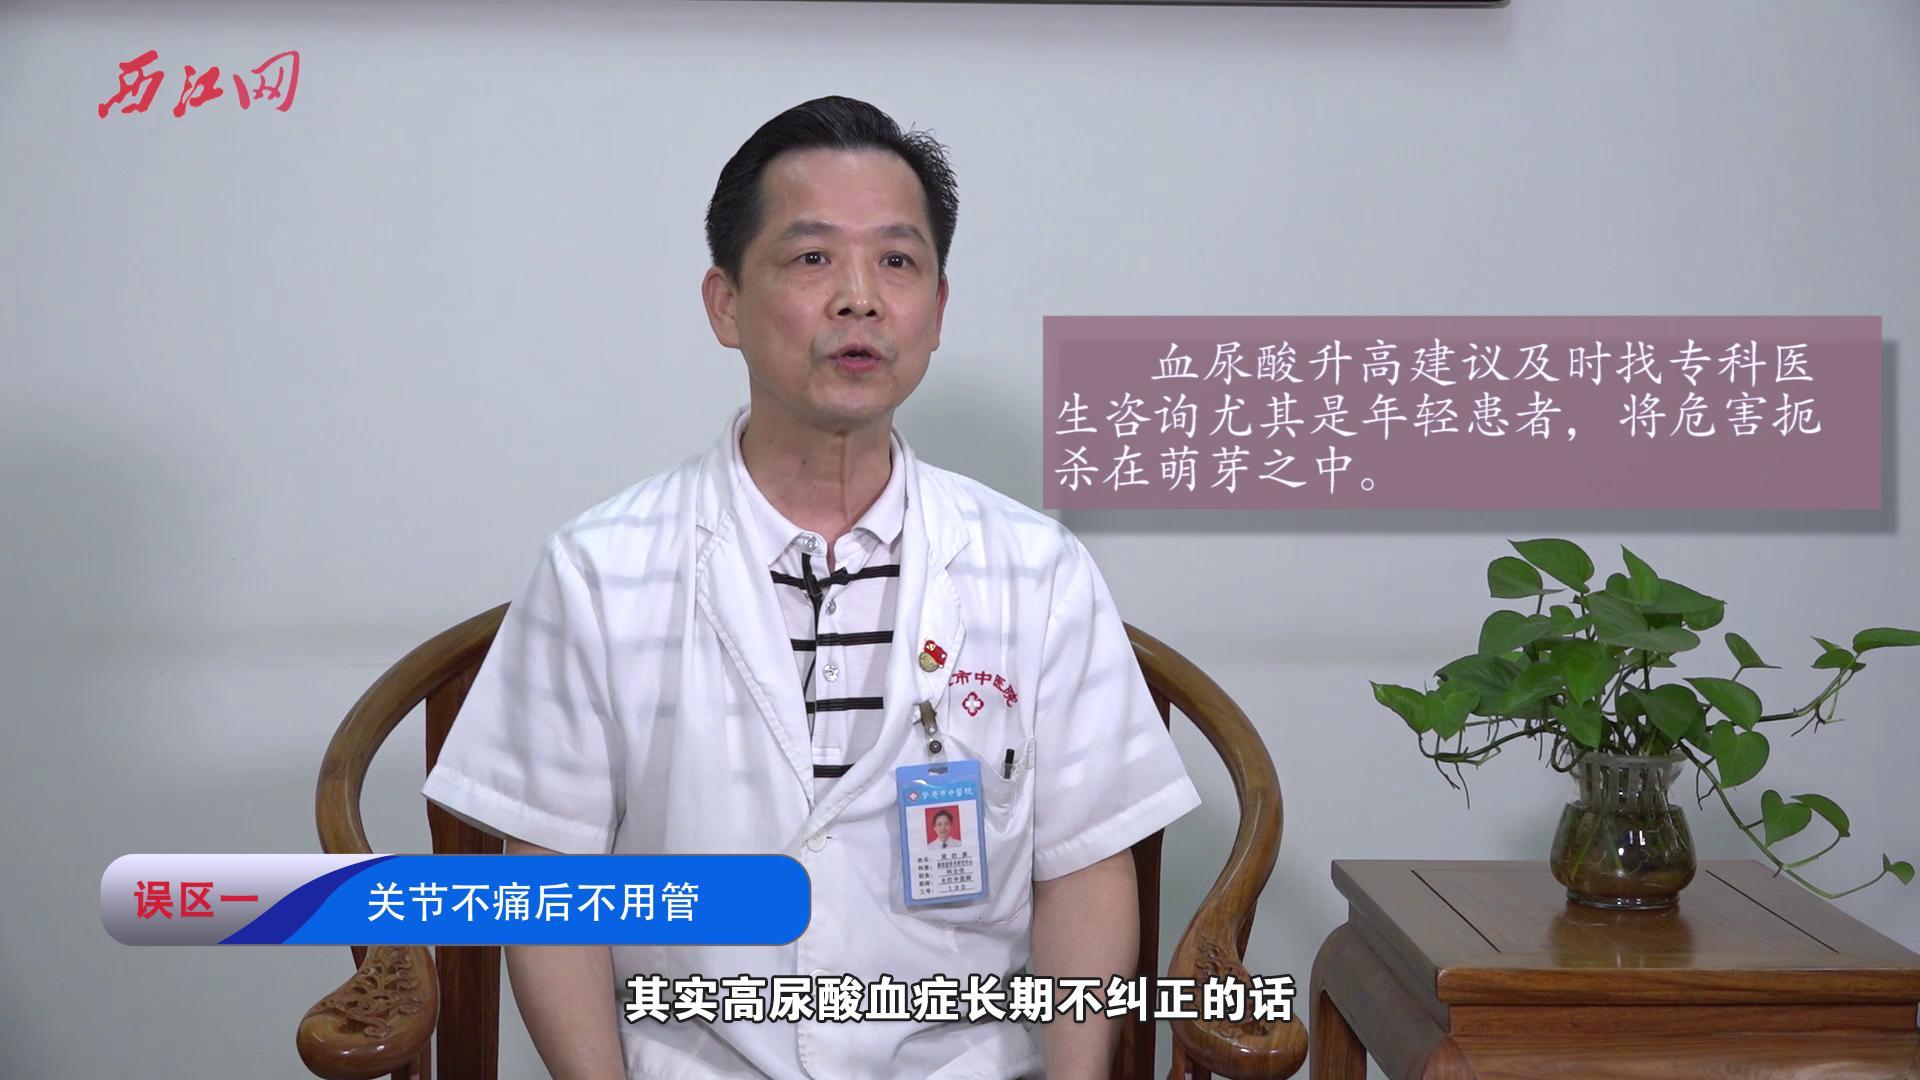 吴社泉:仁心仁术大医精诚 名门名医心系百姓